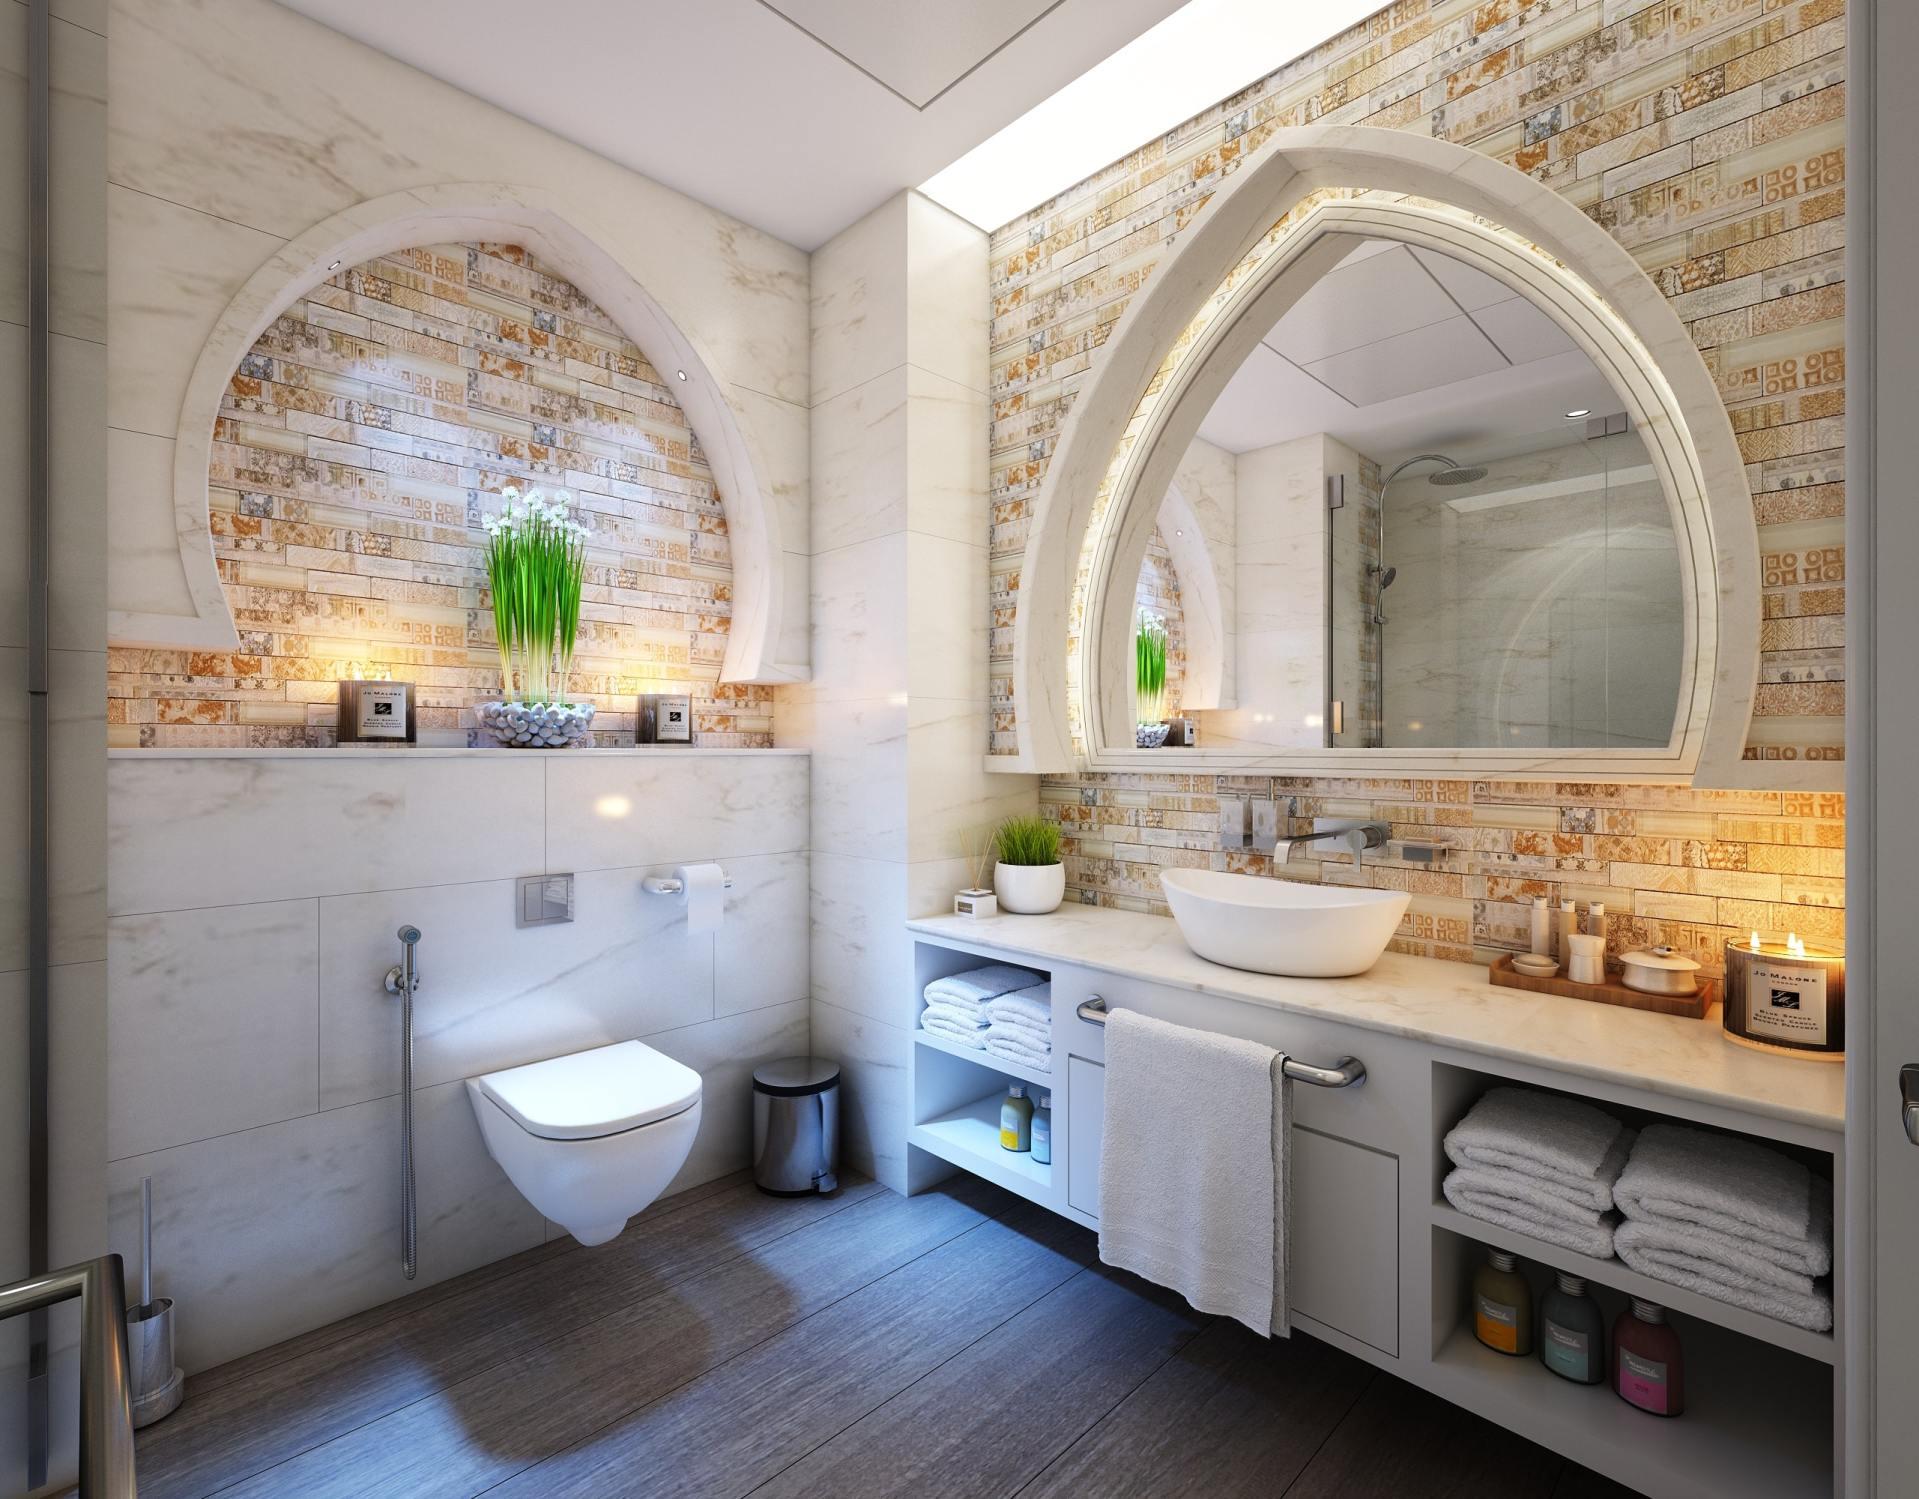 Badezimmer Ideen: Die besten Einrichtungs- und Dekotipps fürs Bad